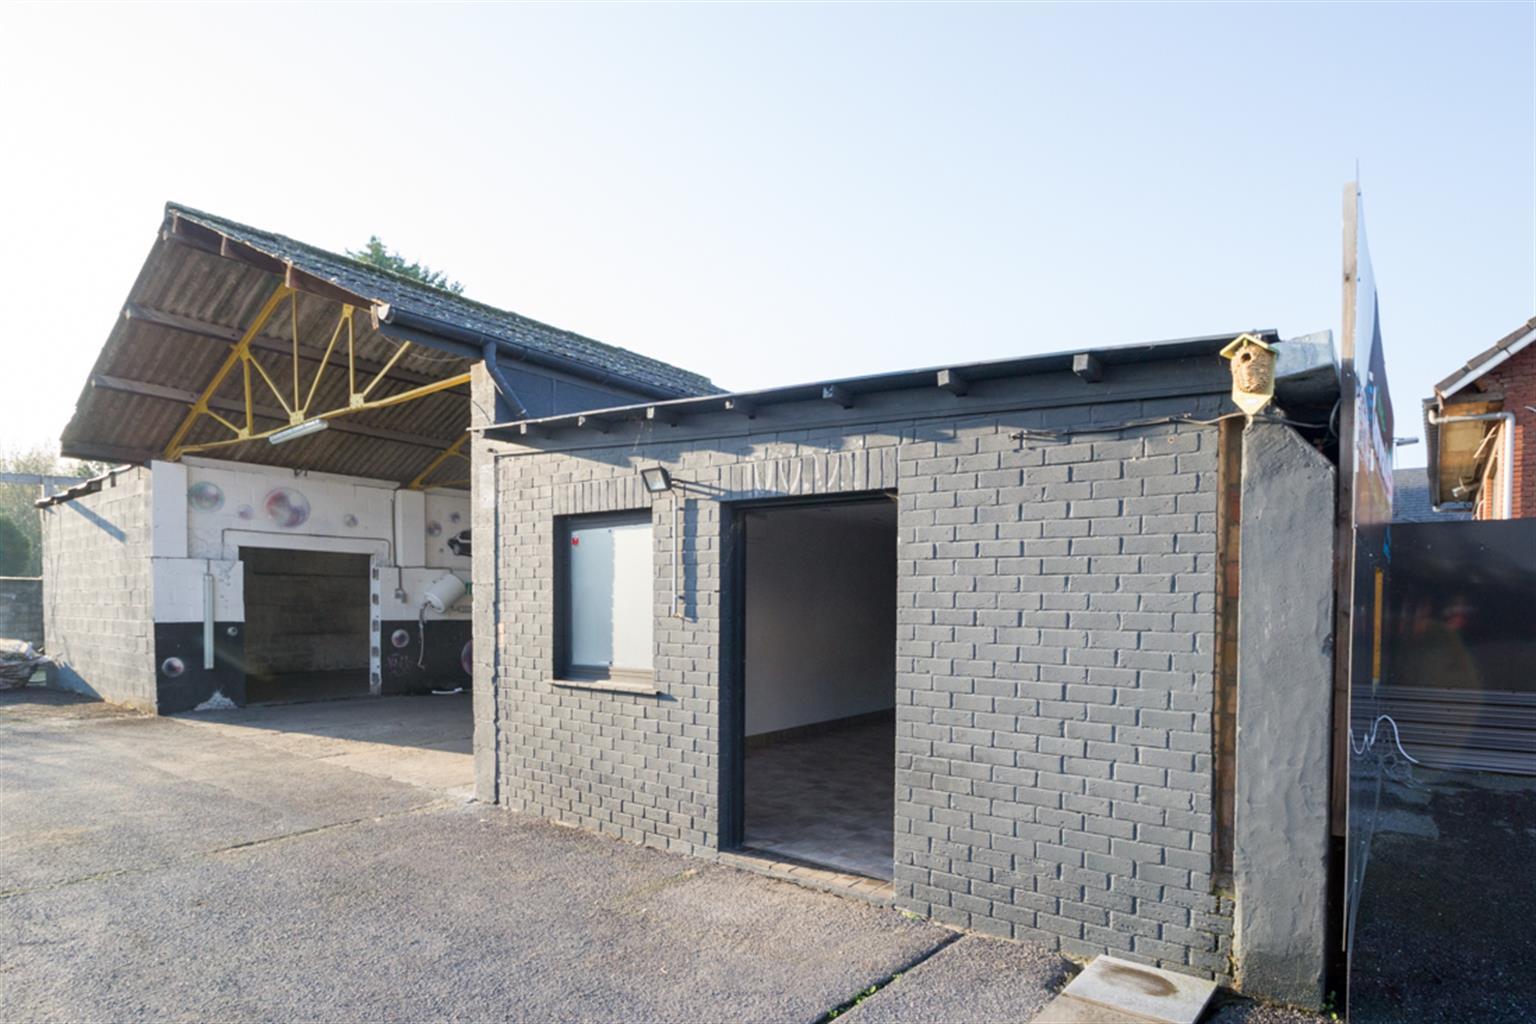 Bureaux & entrepôts - Haine-Saint-Paul - #4209157-14